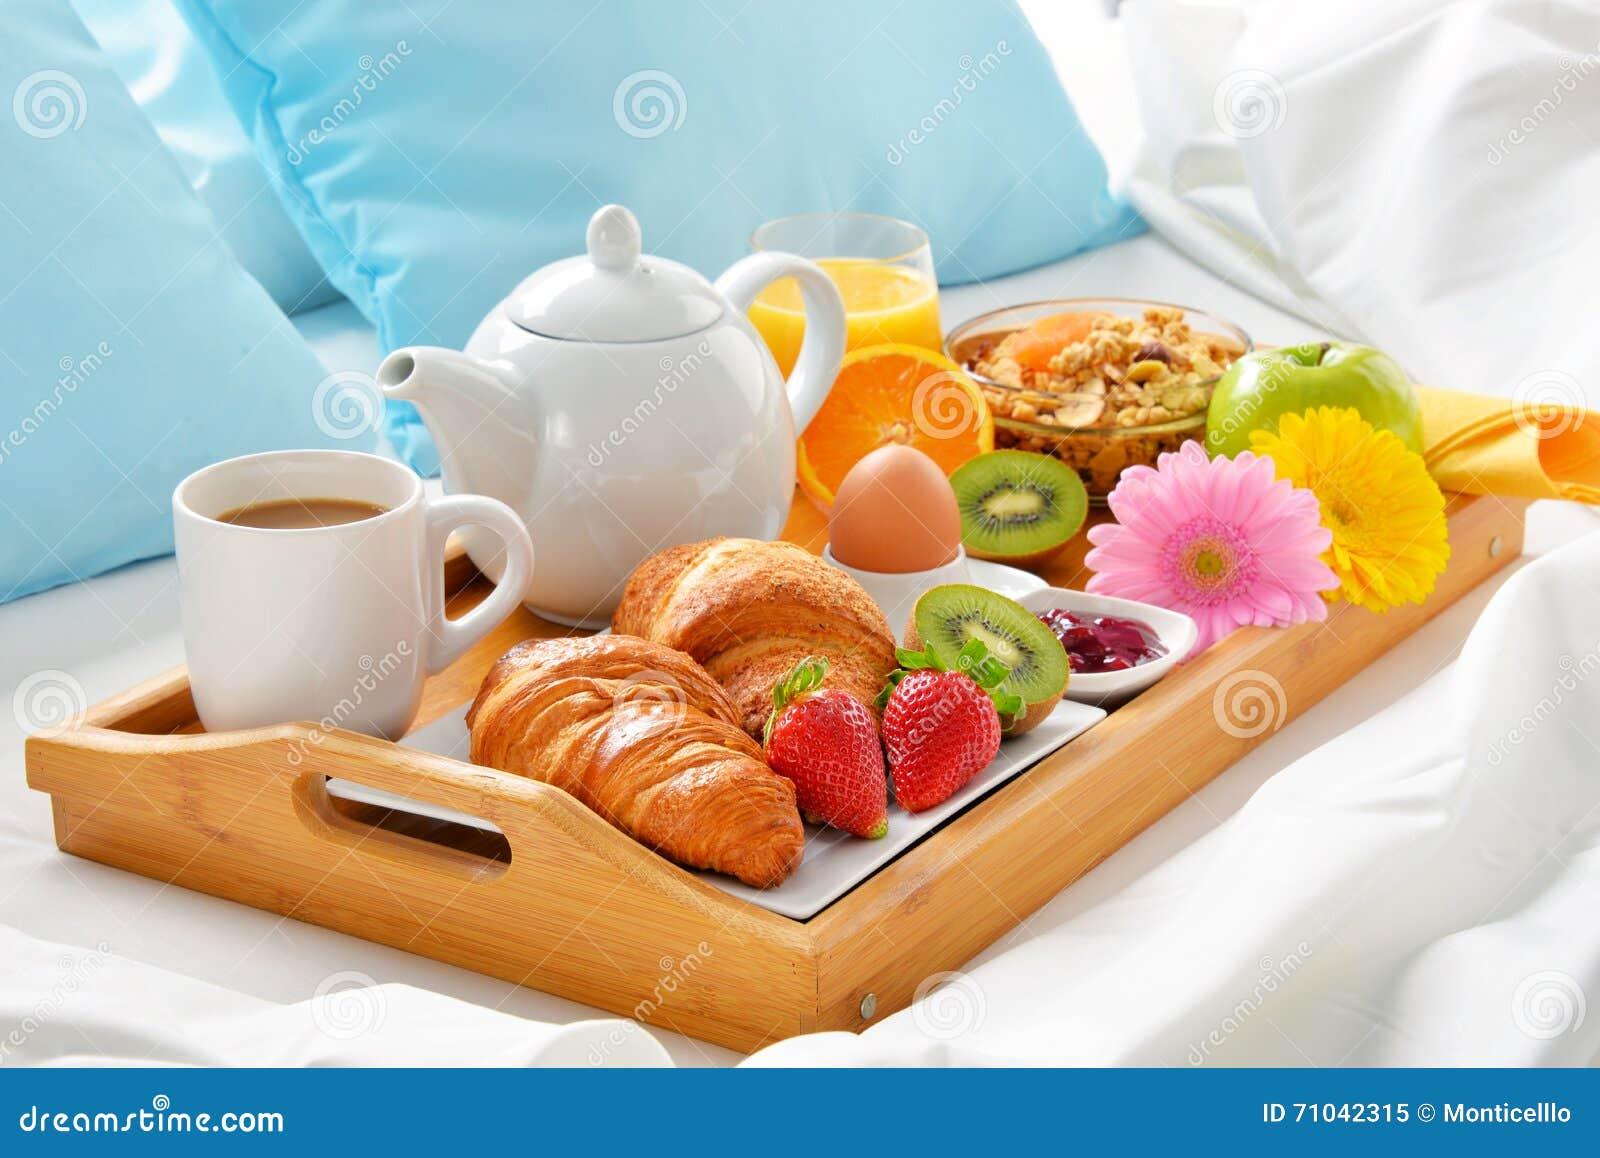 Foto di una colazione a letto design del - Vassoio colazione letto ...